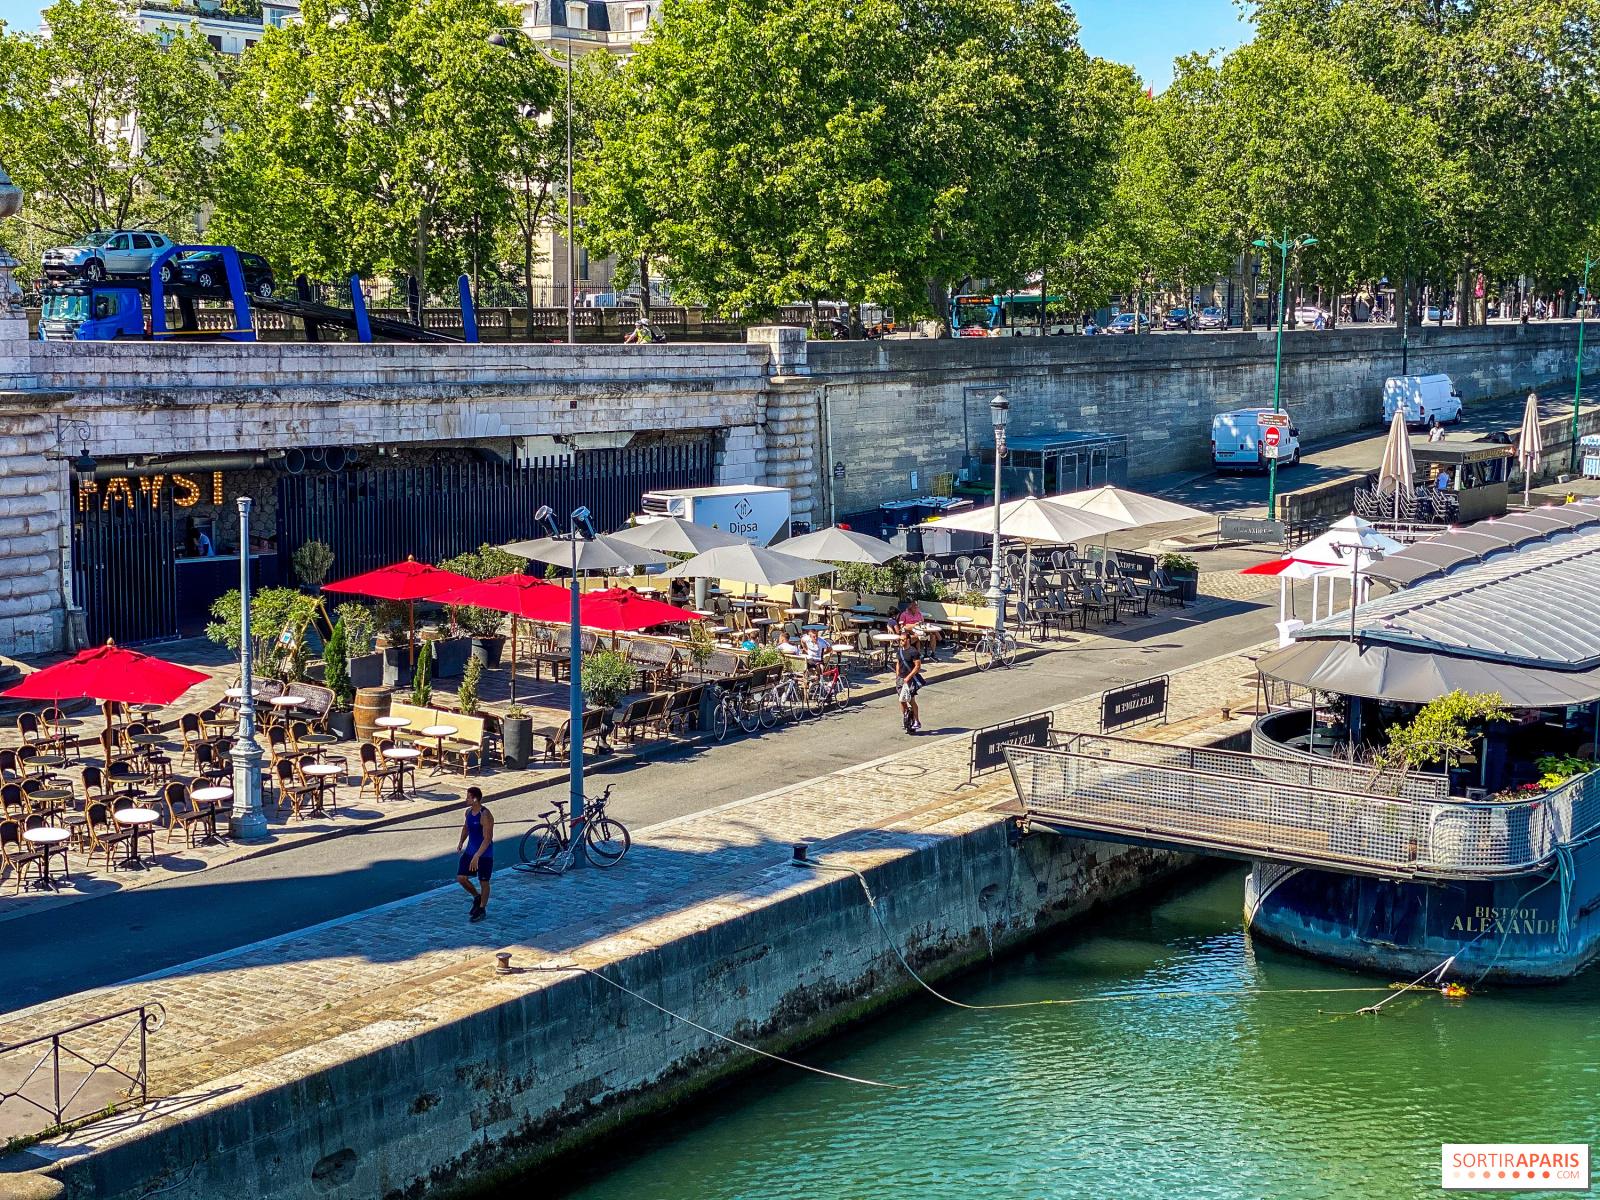 Surréaliste Les plus belles terrasses de Paris de l'été 2020 - Sortiraparis.com SU-02